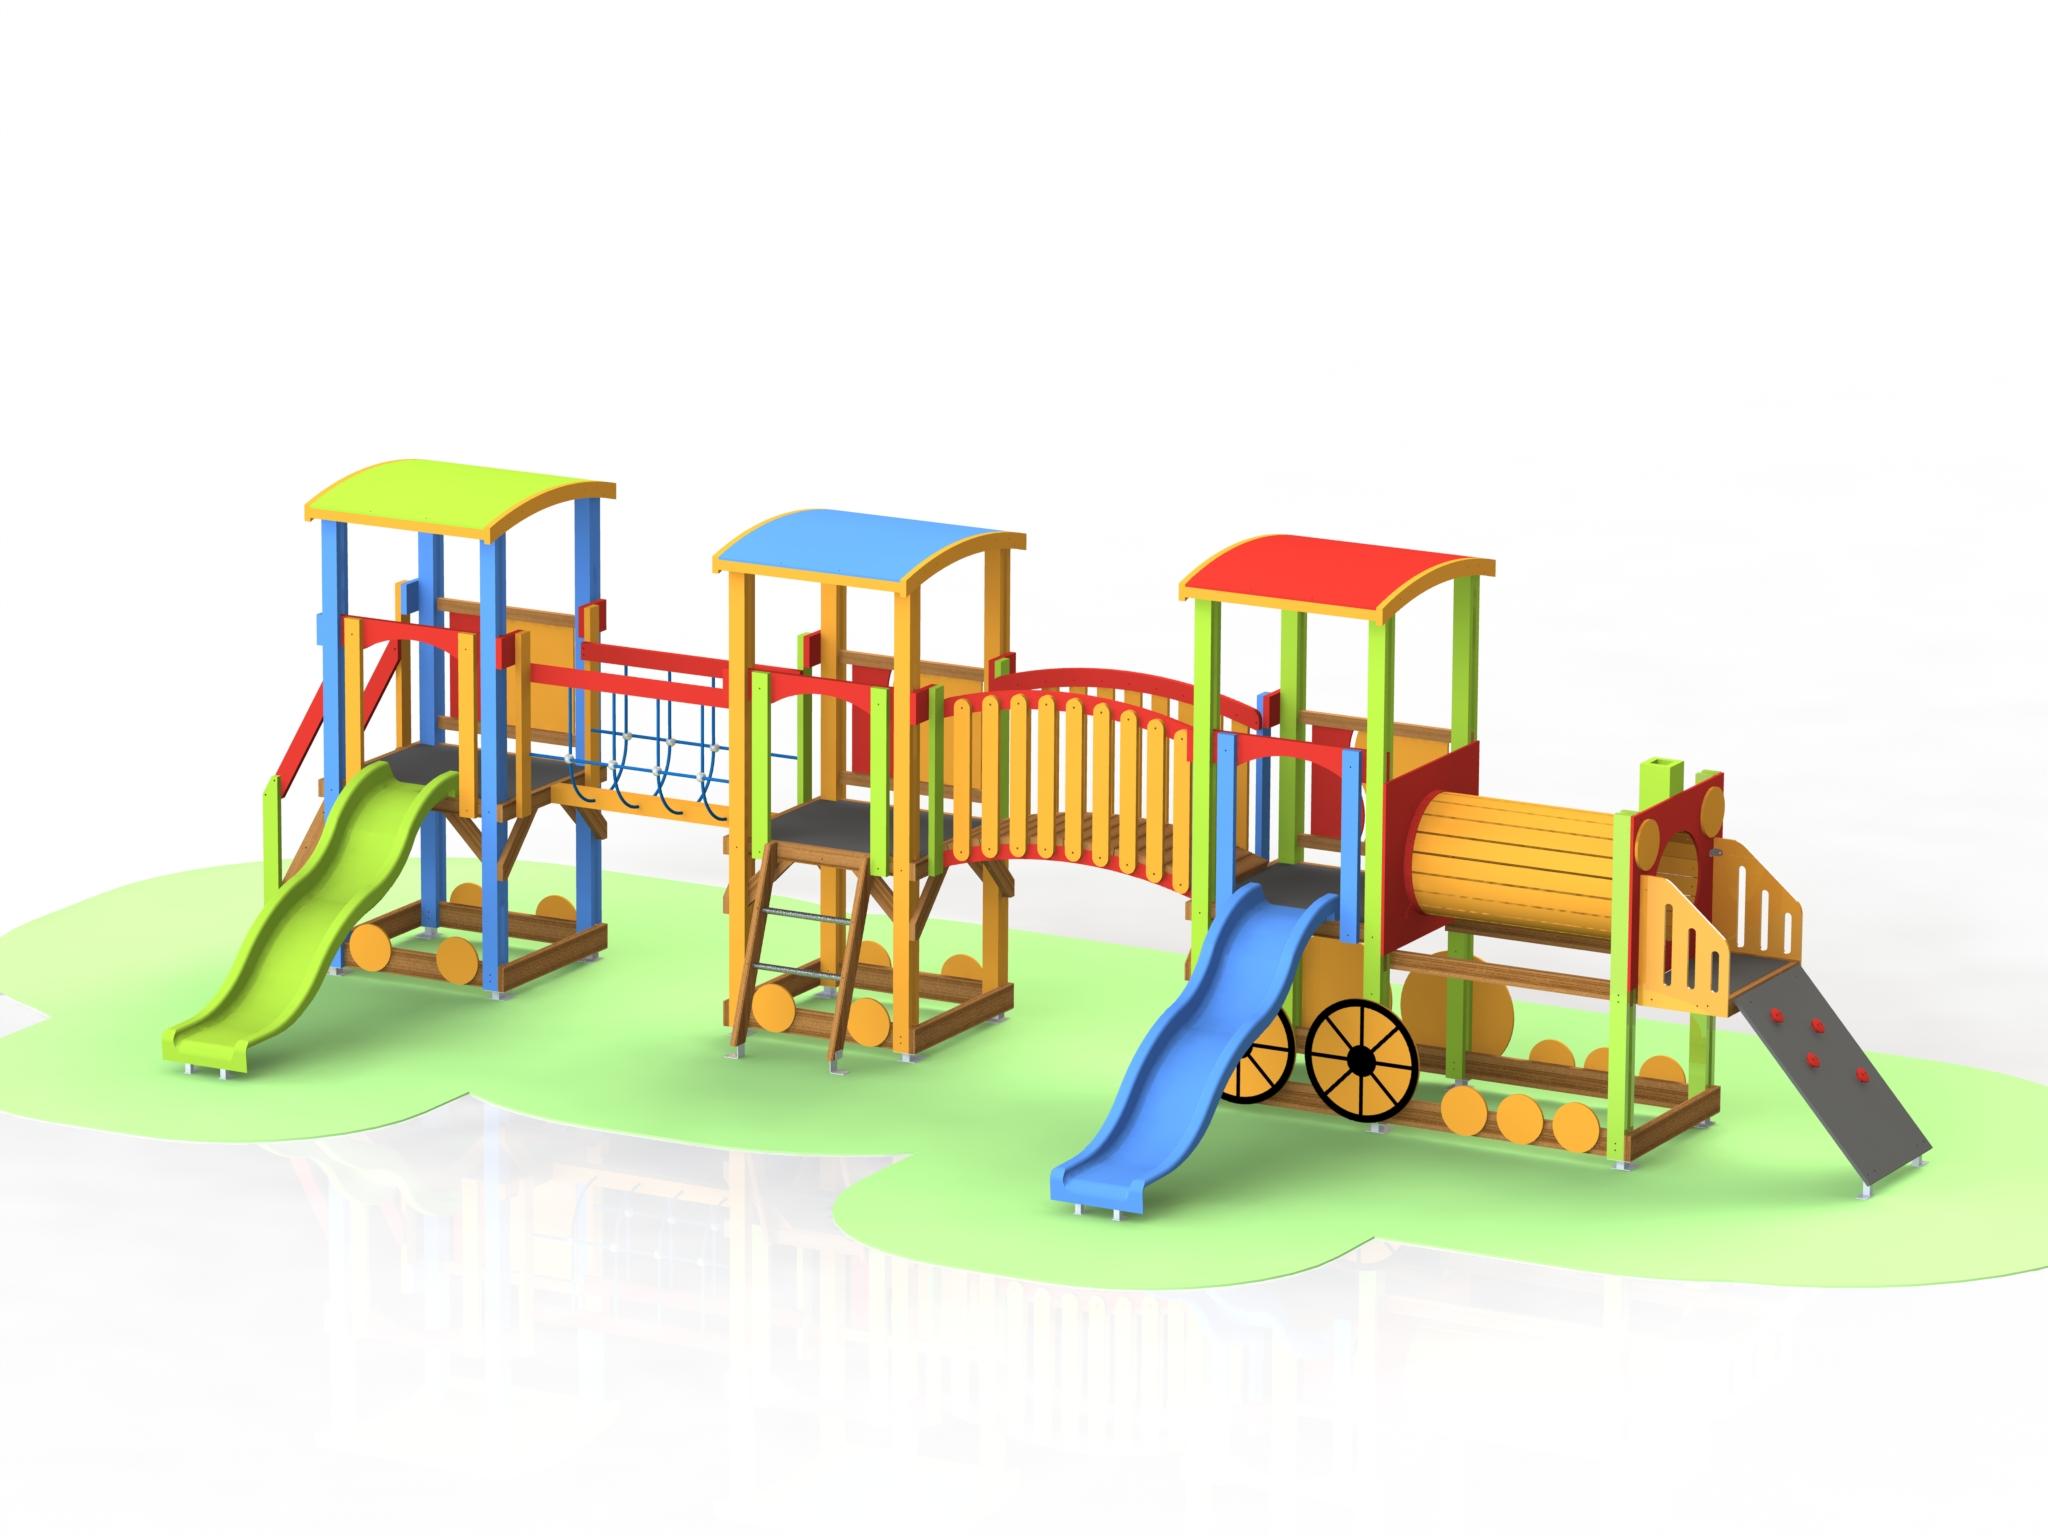 Снимка на продукта: Комбинирано детско съоръжение, модел Т04